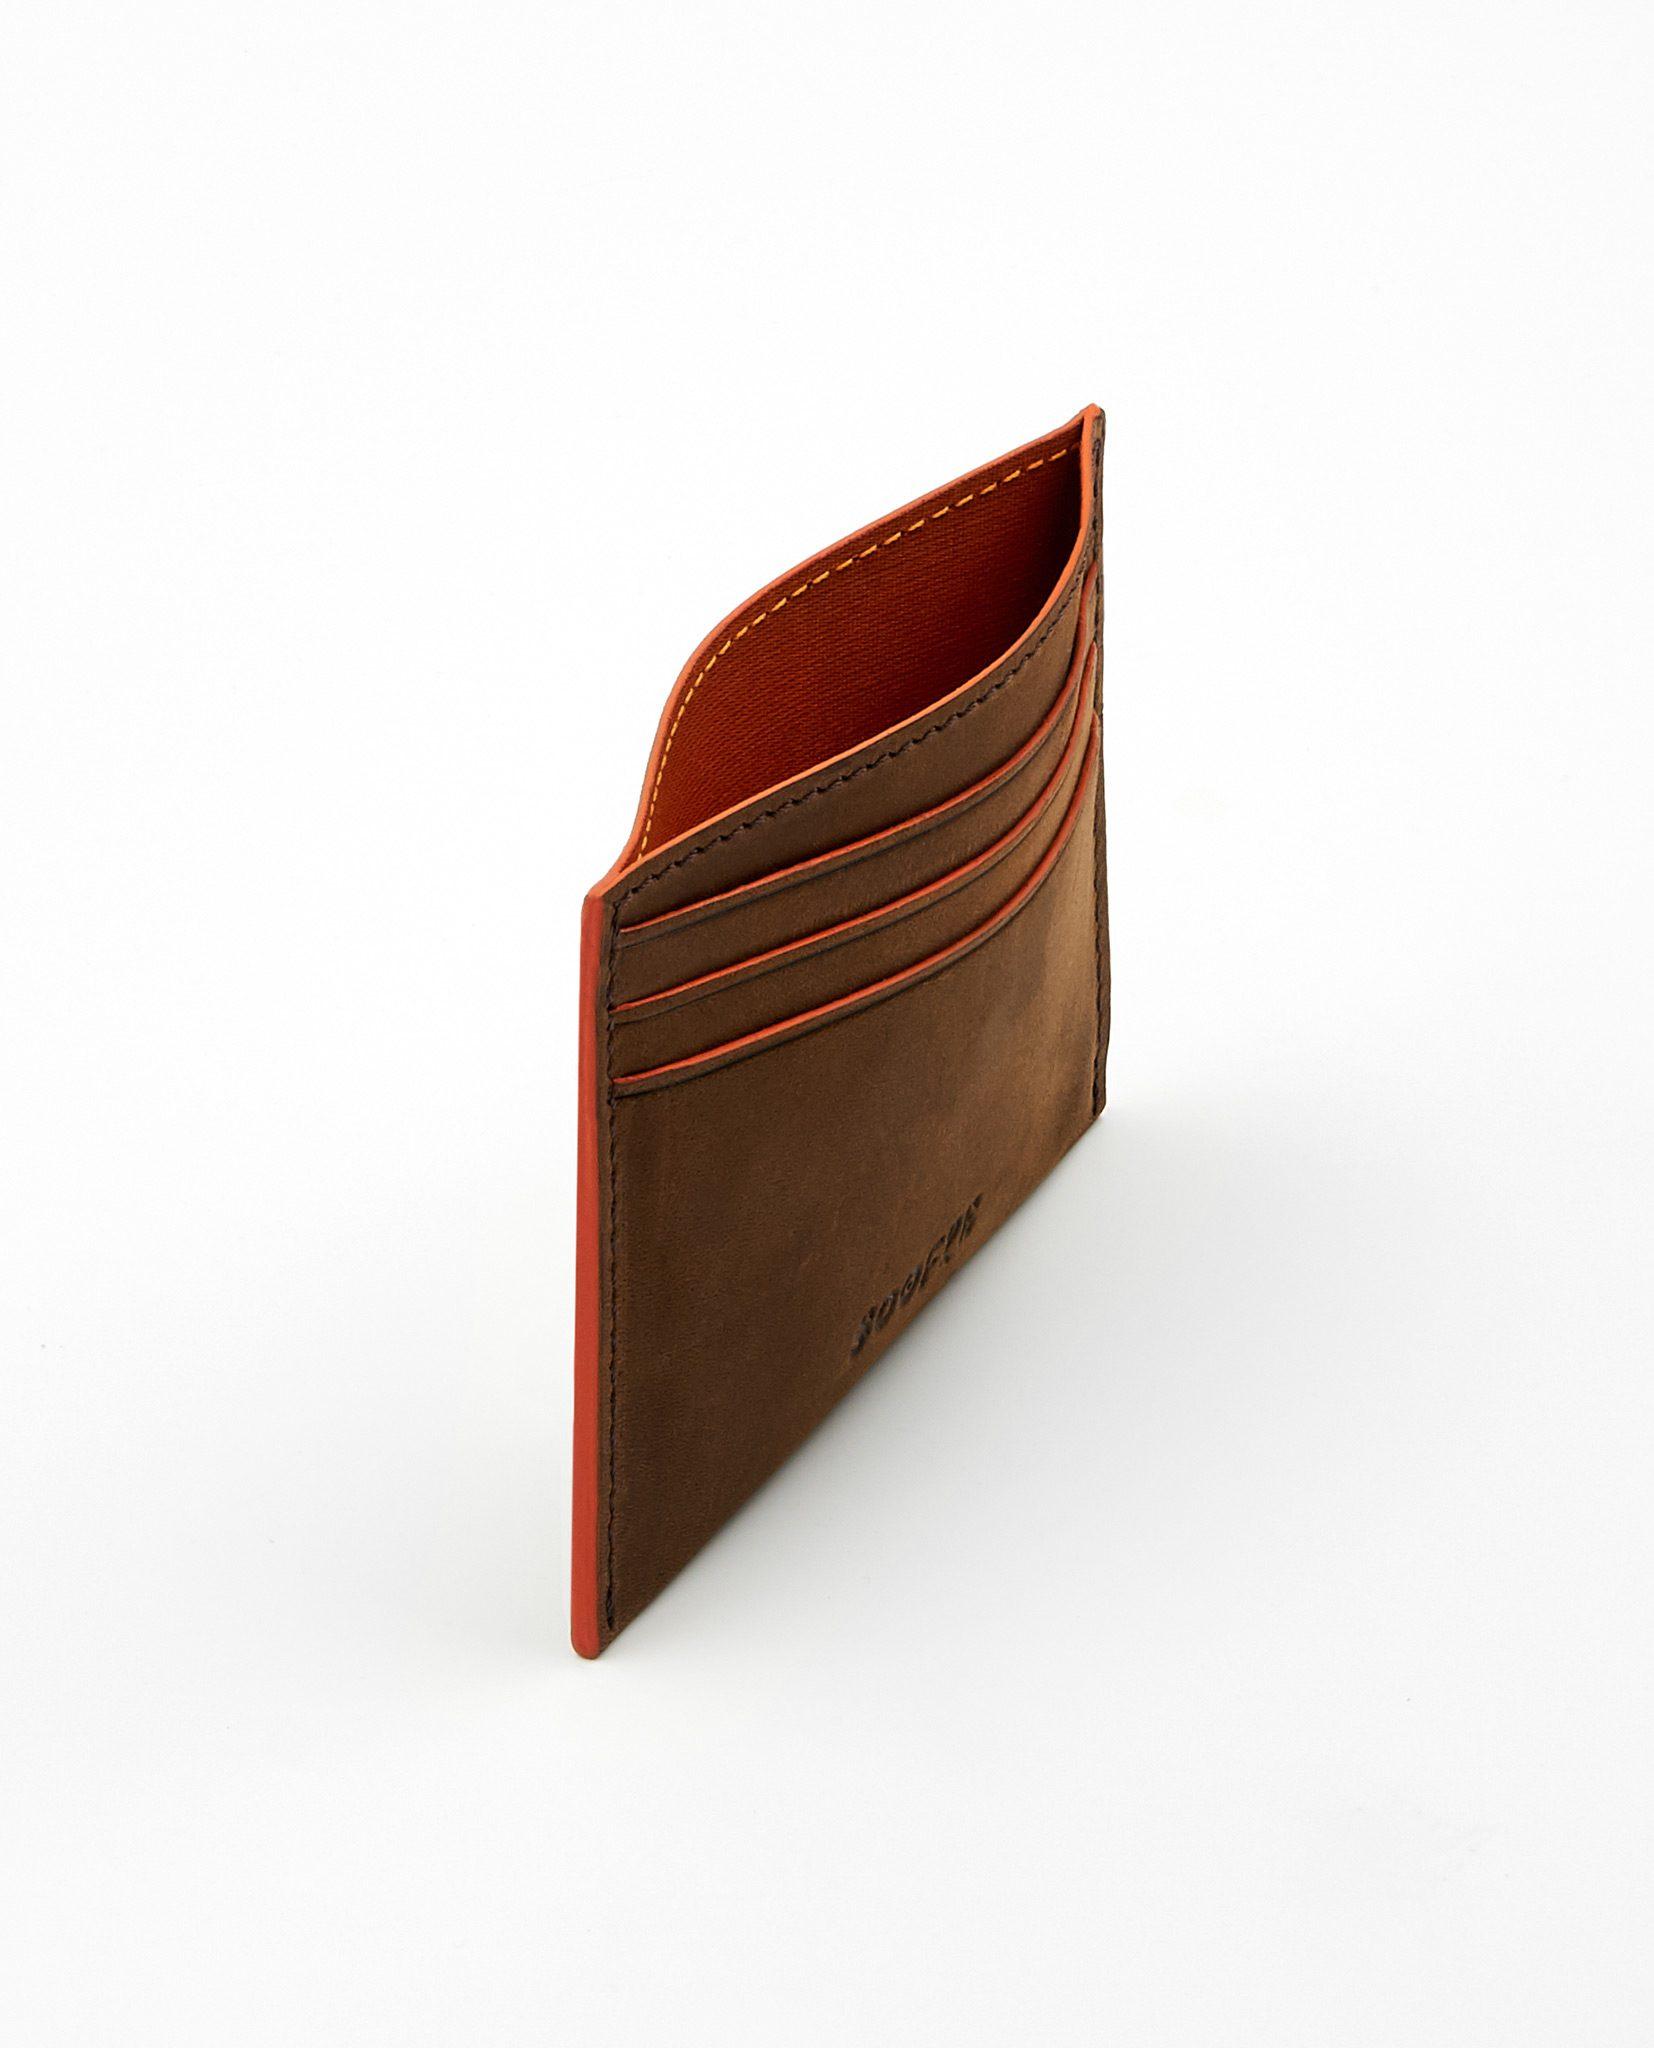 Soofre_Card-Holder_Brown-Orange_2